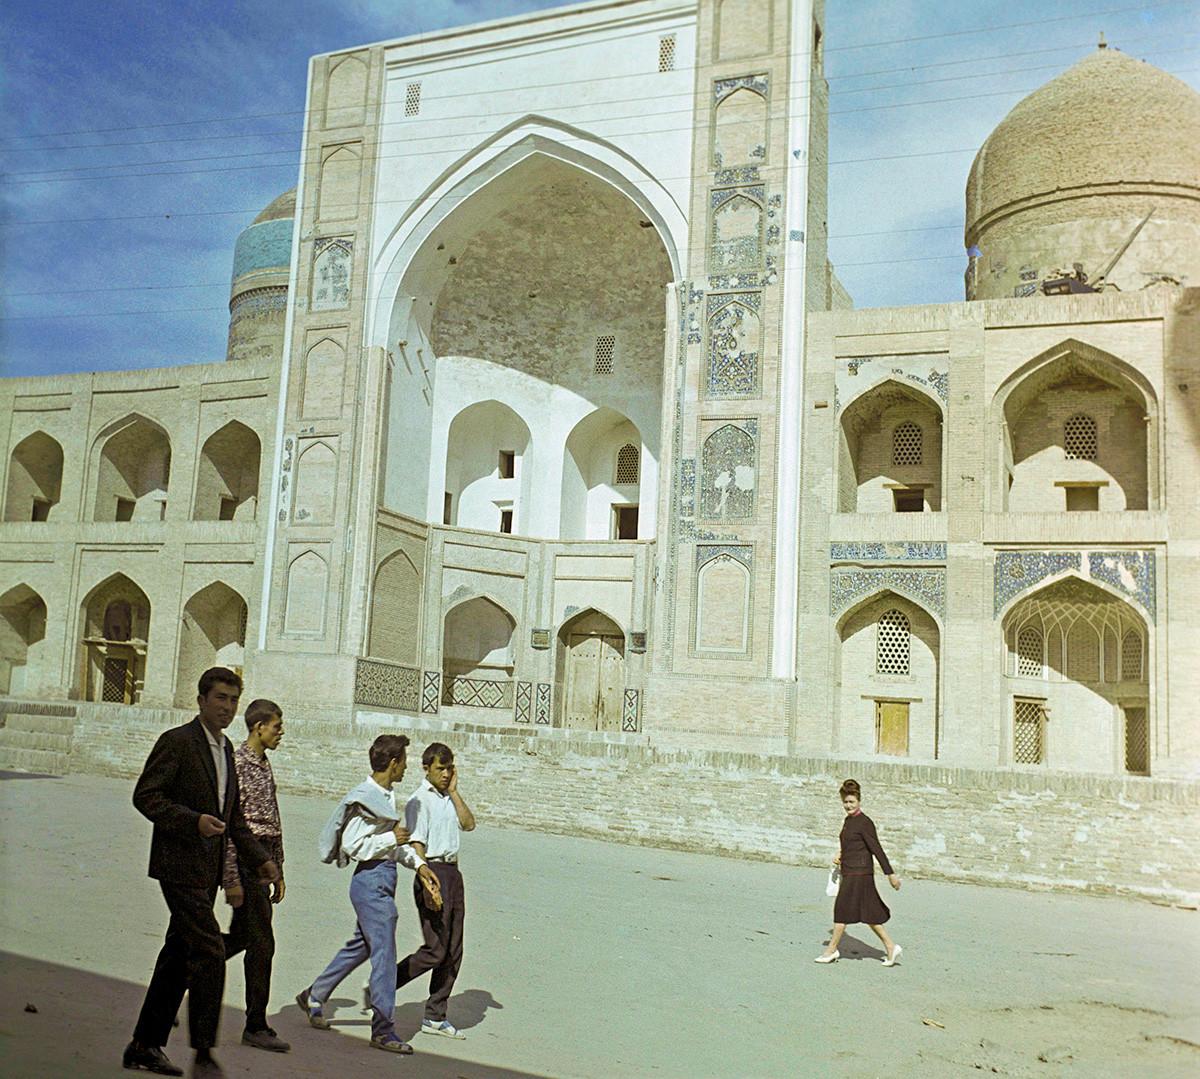 ブハラ市のマドラサ(イスラム教の学院)、1965年